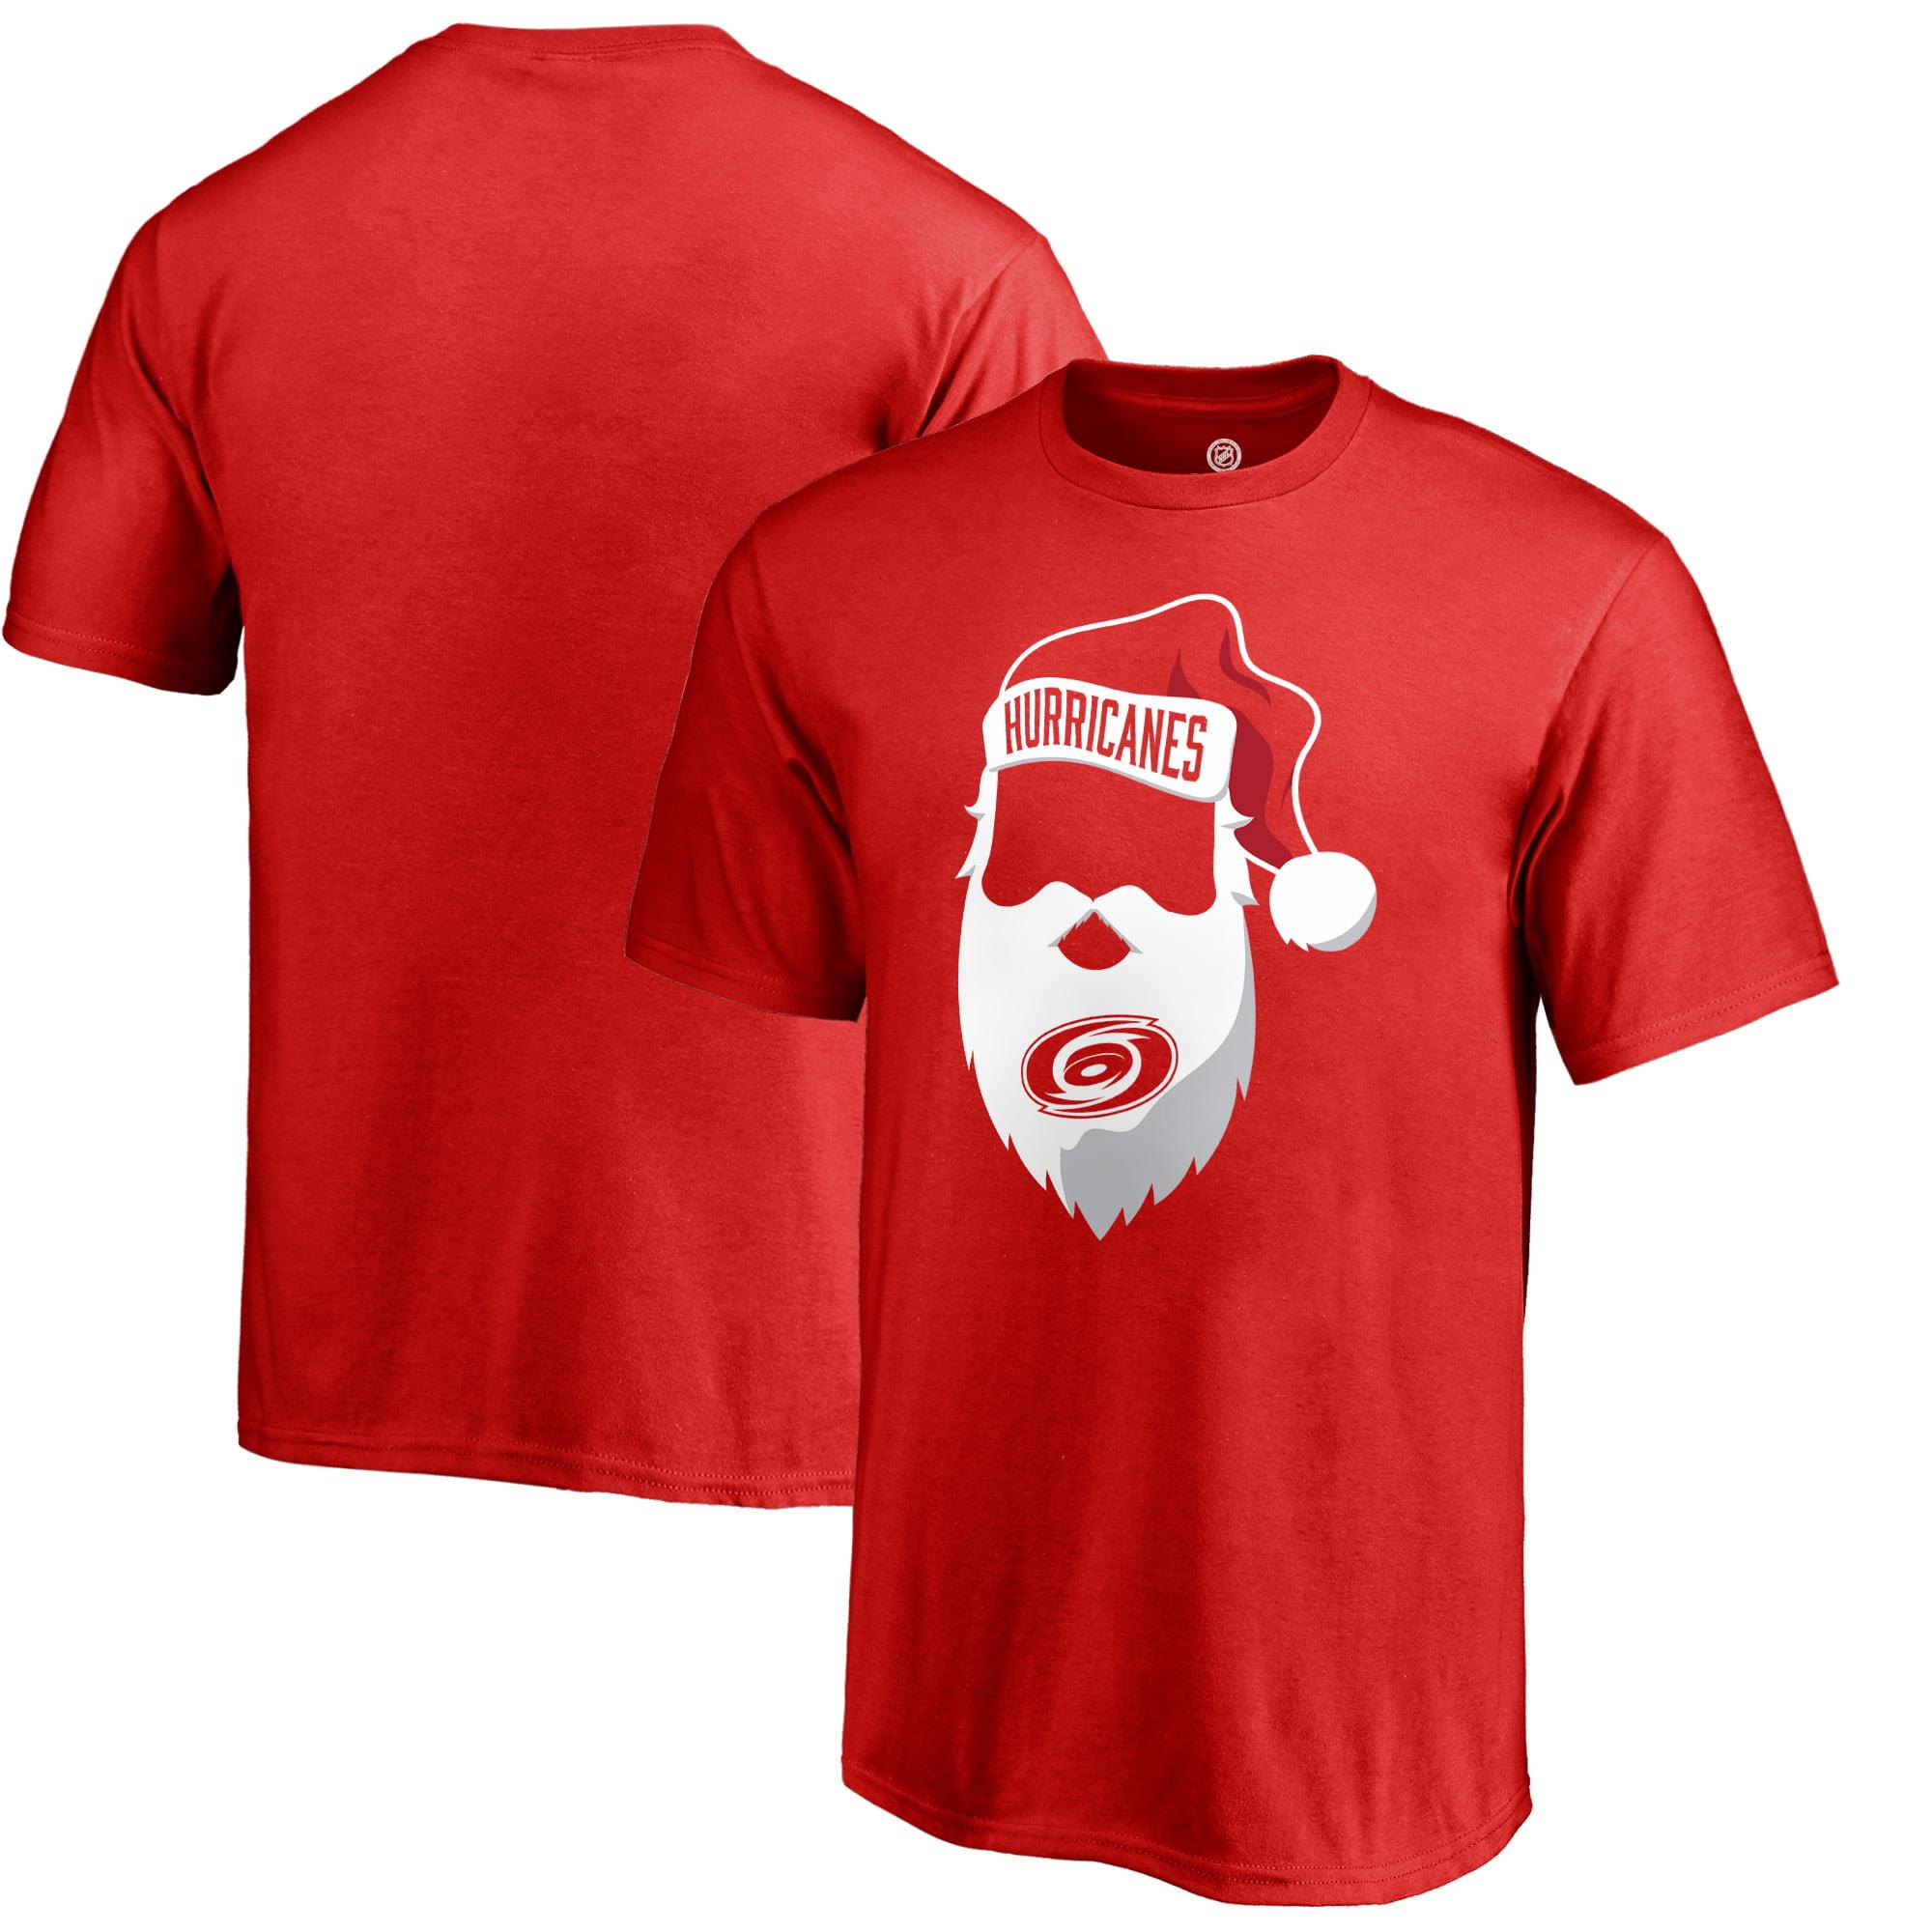 Carolina Hurricanes Fanatics Branded Youth Jolly T-Shirt - Red